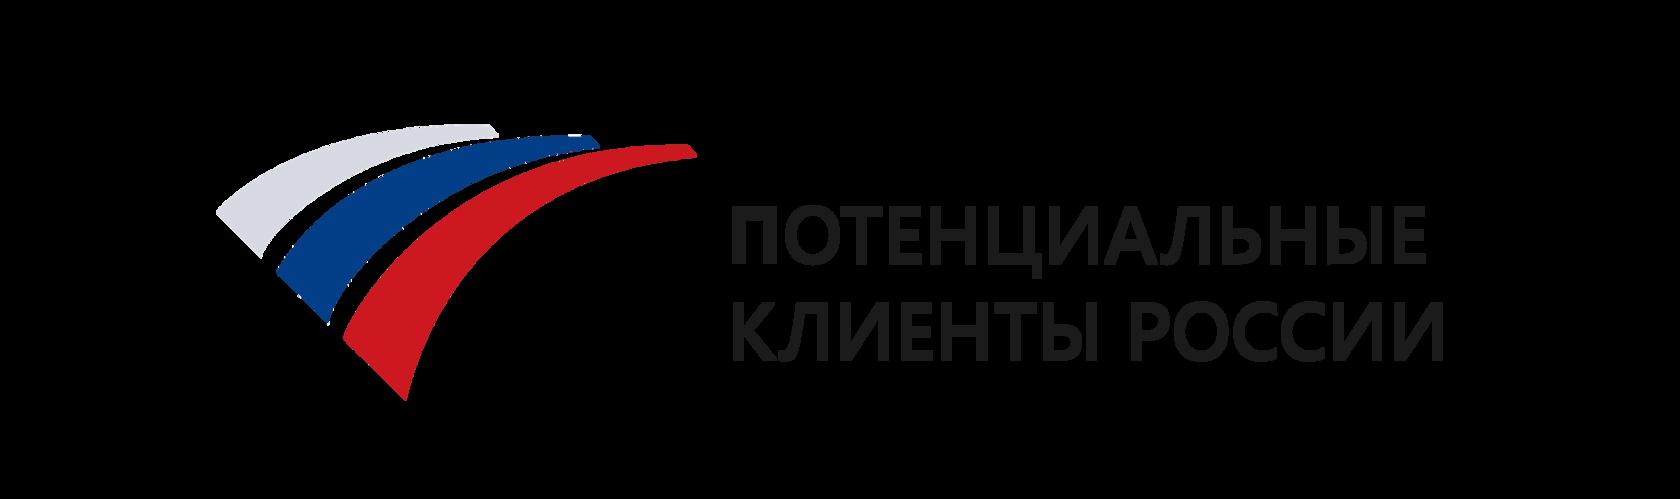 Логотип логотипный